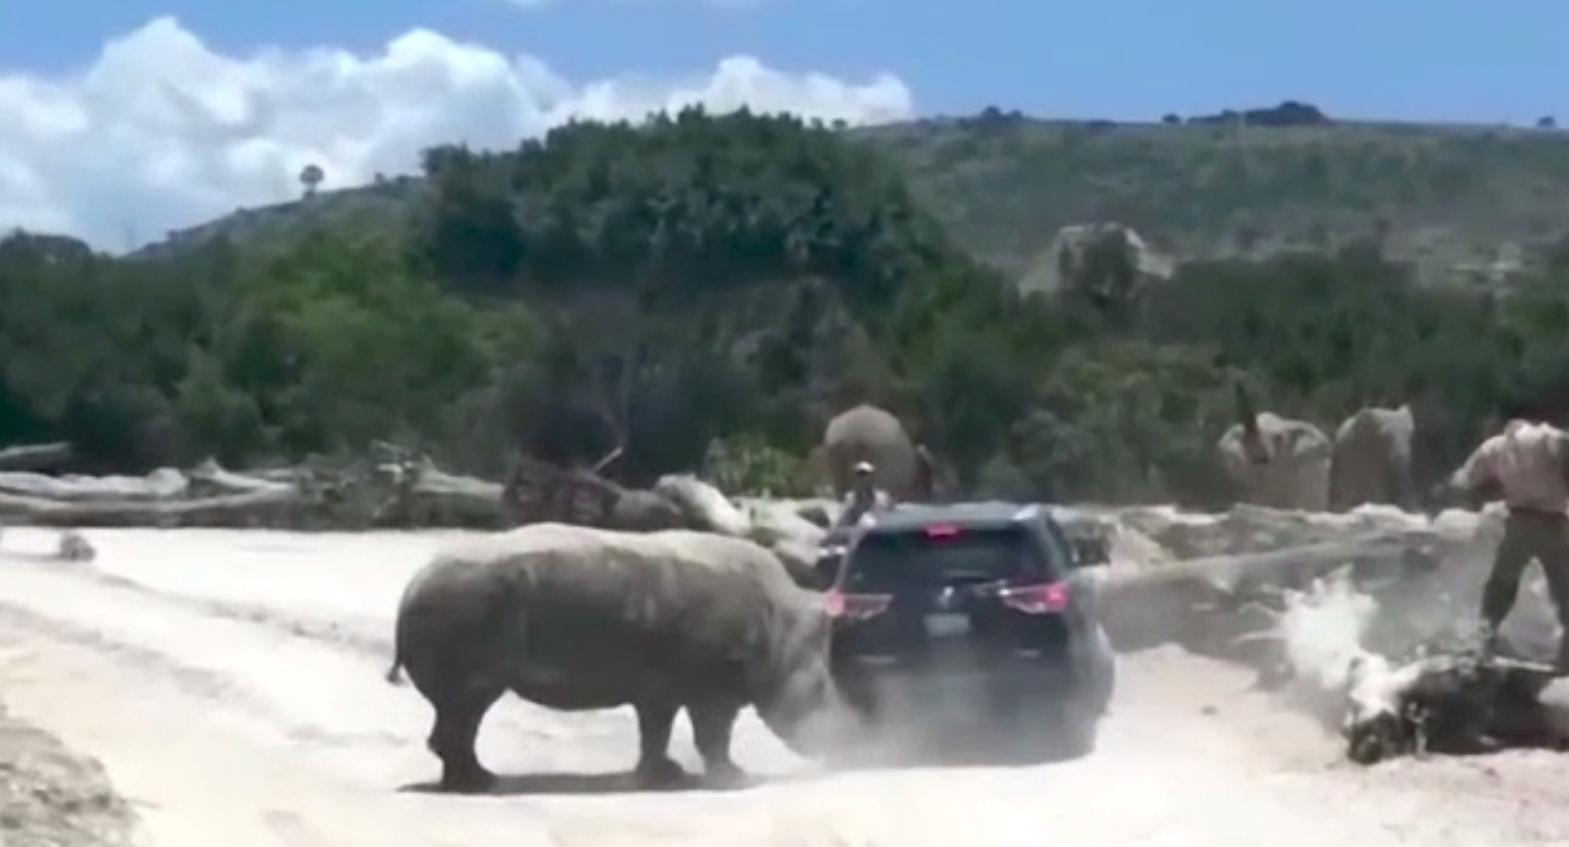 Reacția nervoasă a unui rinocer, după ce câțiva turiști l-au deranjat